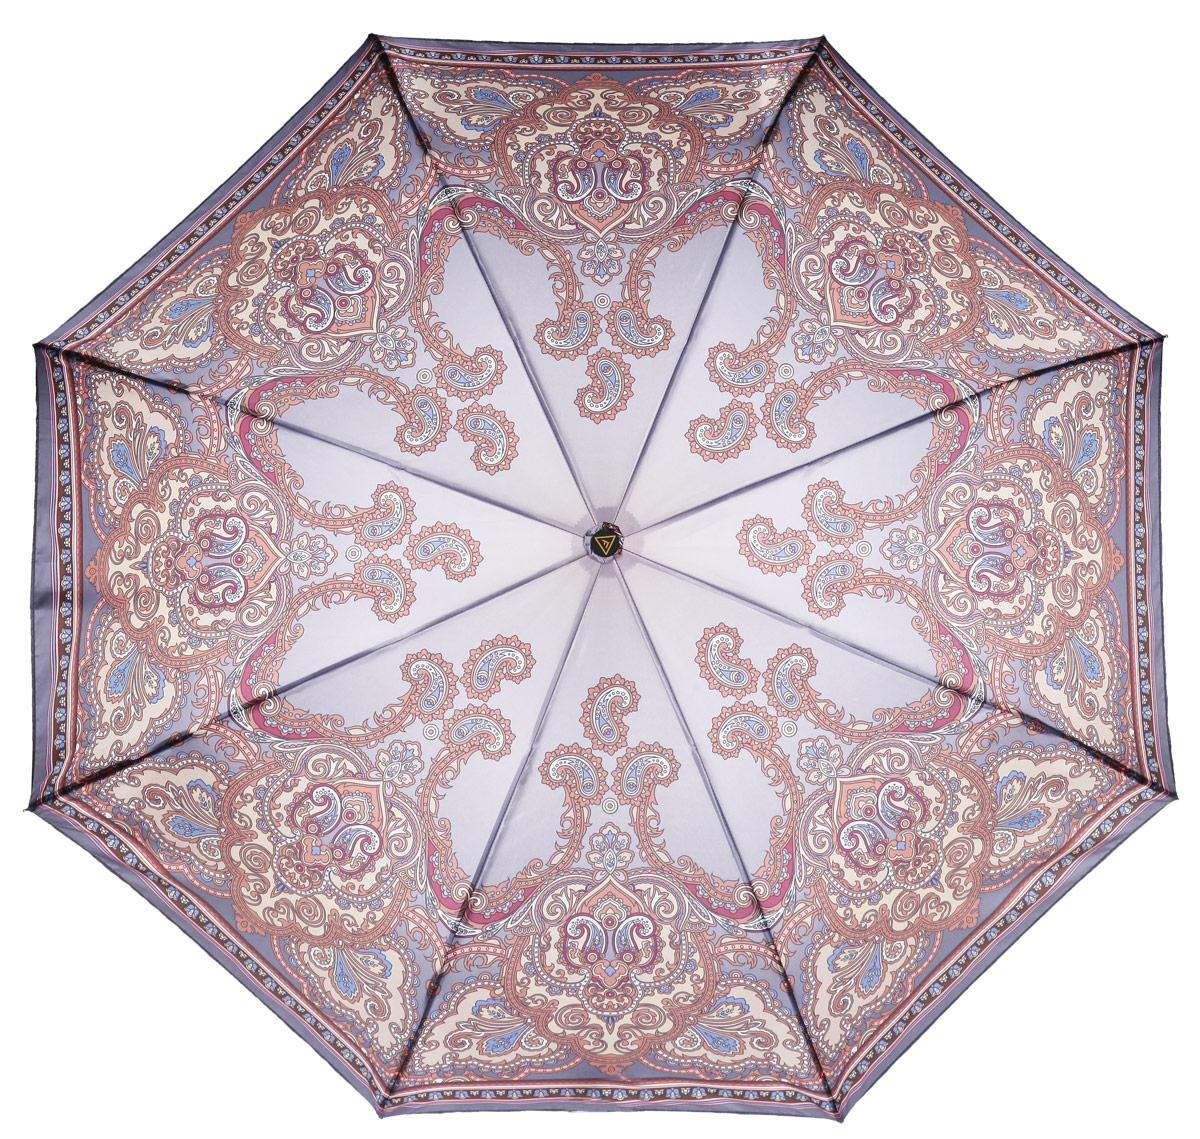 Зонт женский Fabretti, автомат, 3 сложения, цвет: фиолетовый, коричневый. S-15109-3Fabretti S-15109-3Женский зонт Fabretti изготовлен из полиэстера, обработанного водоотталкивающей пропиткой, и металла. Оформлен интересным цветочным принтом. Каркас работает в три сложения, что идеально подойдет для женщин. Ручка разработана с учетом требований эргономики, имеет полиуретановое покрытие. В комплект к зонту прилагается чехол, который закрывается на застежку-молнию. Надежный зонт защитит от дождя и позволит вам оставаться стильной и элегантной даже в ненастную погоду.